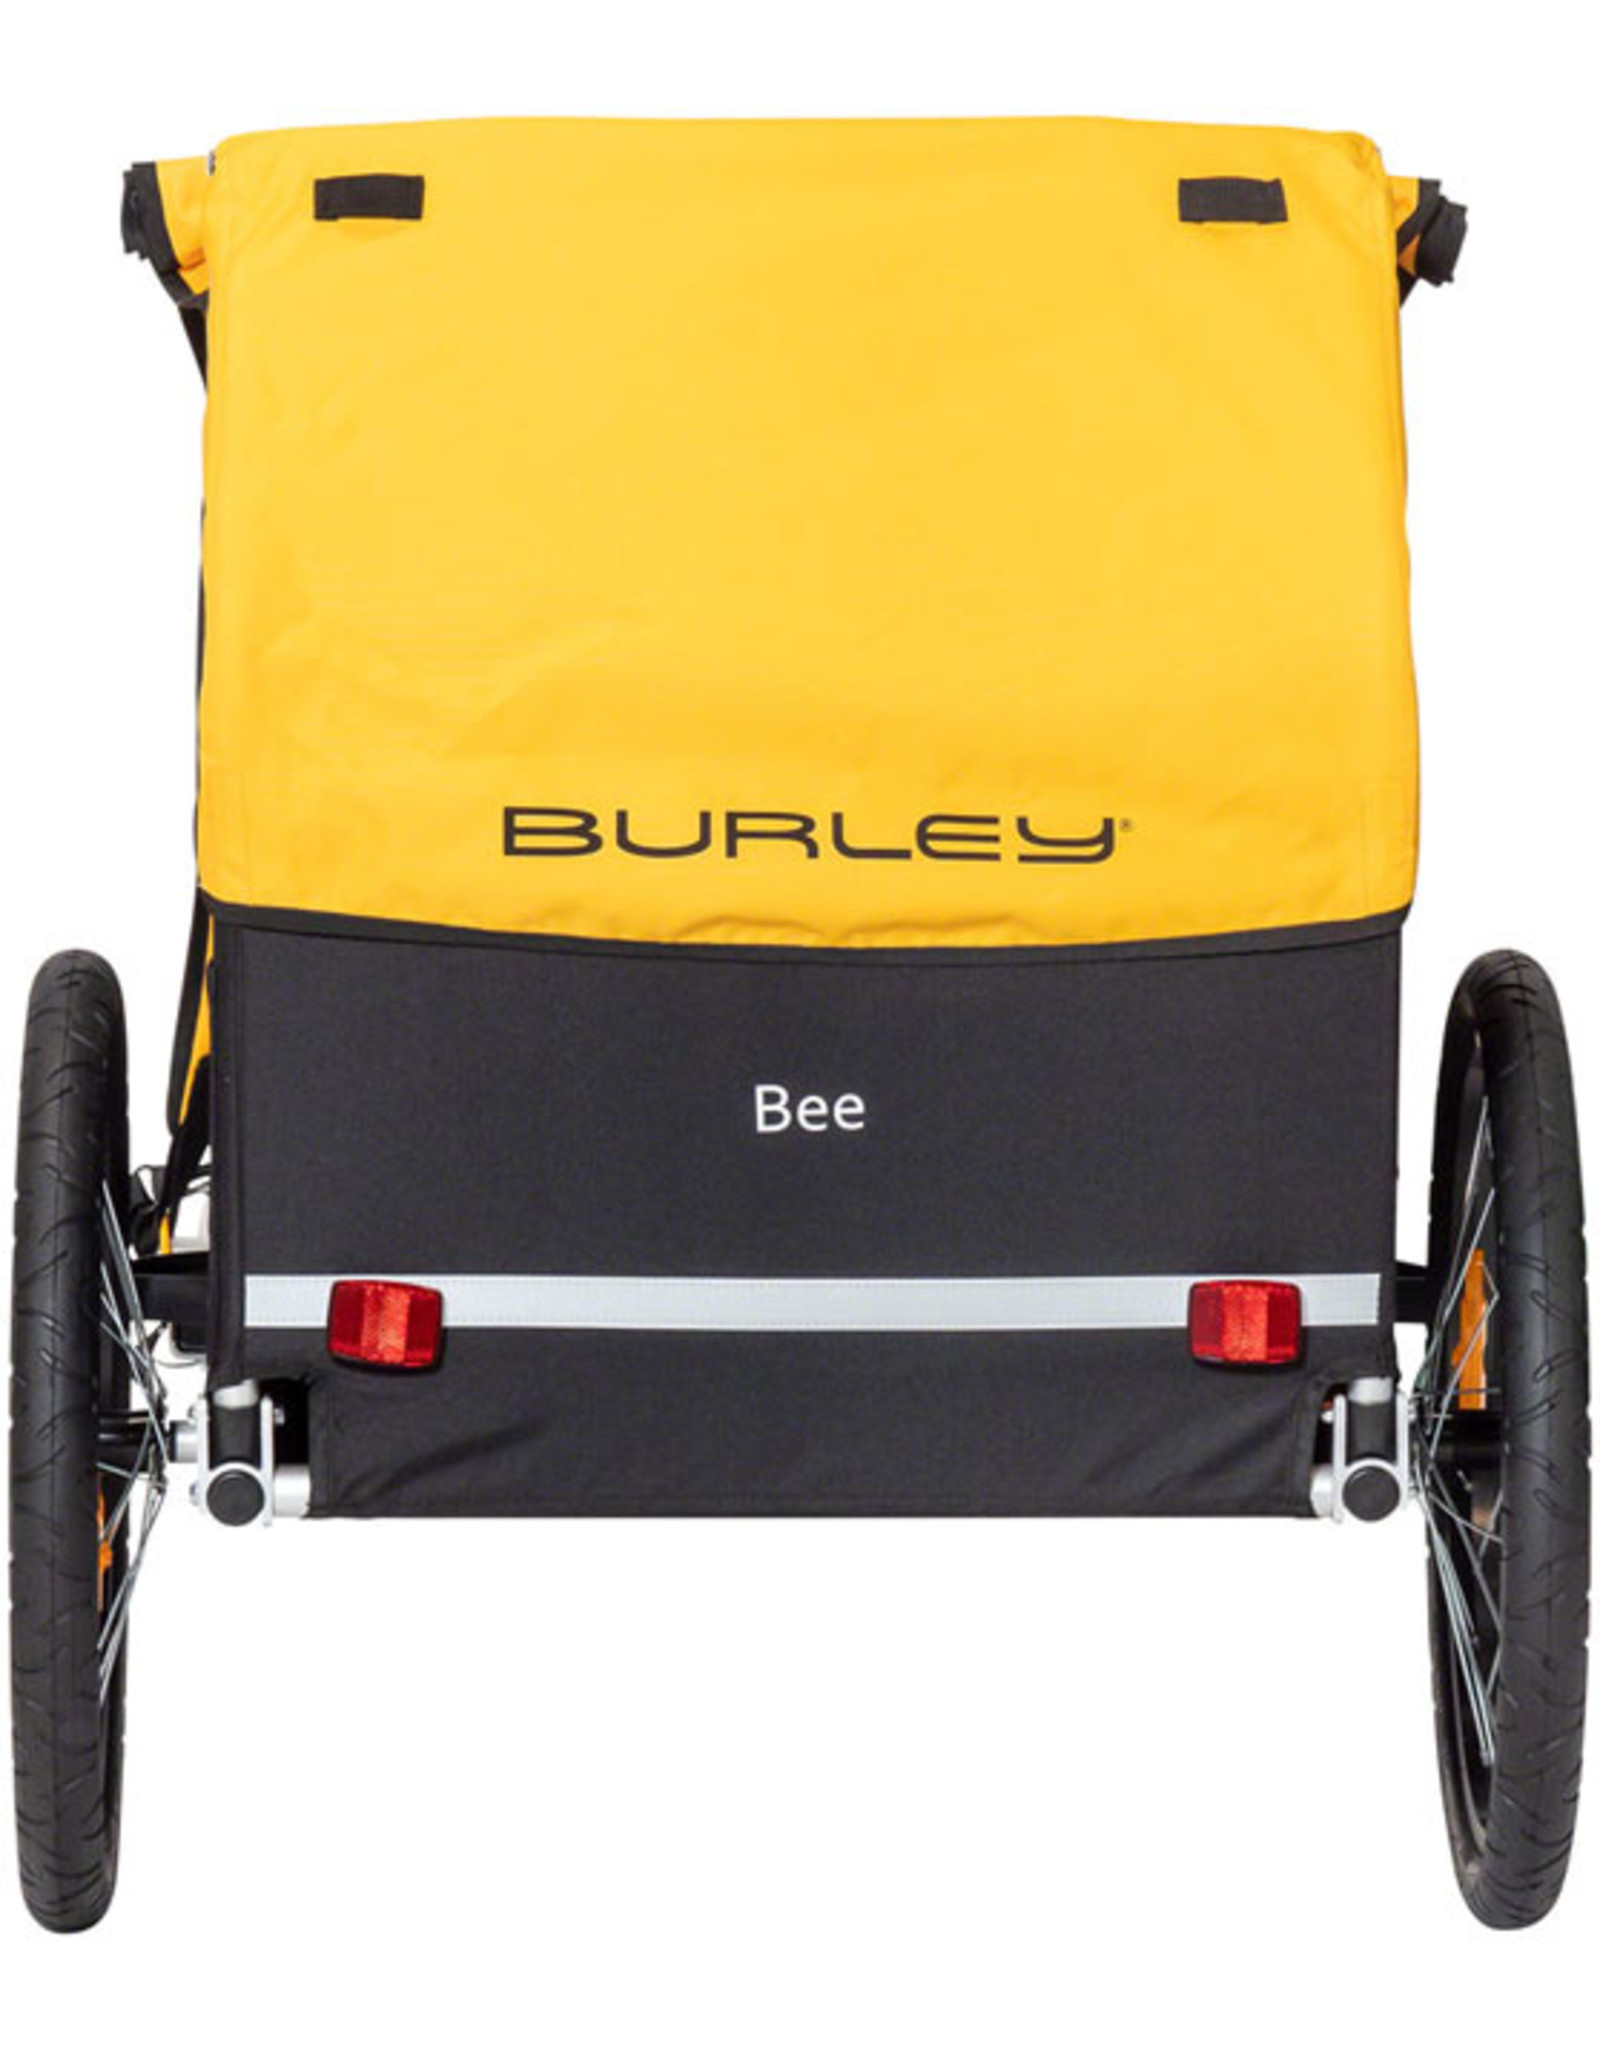 Burley Burley Bee Child Trailer